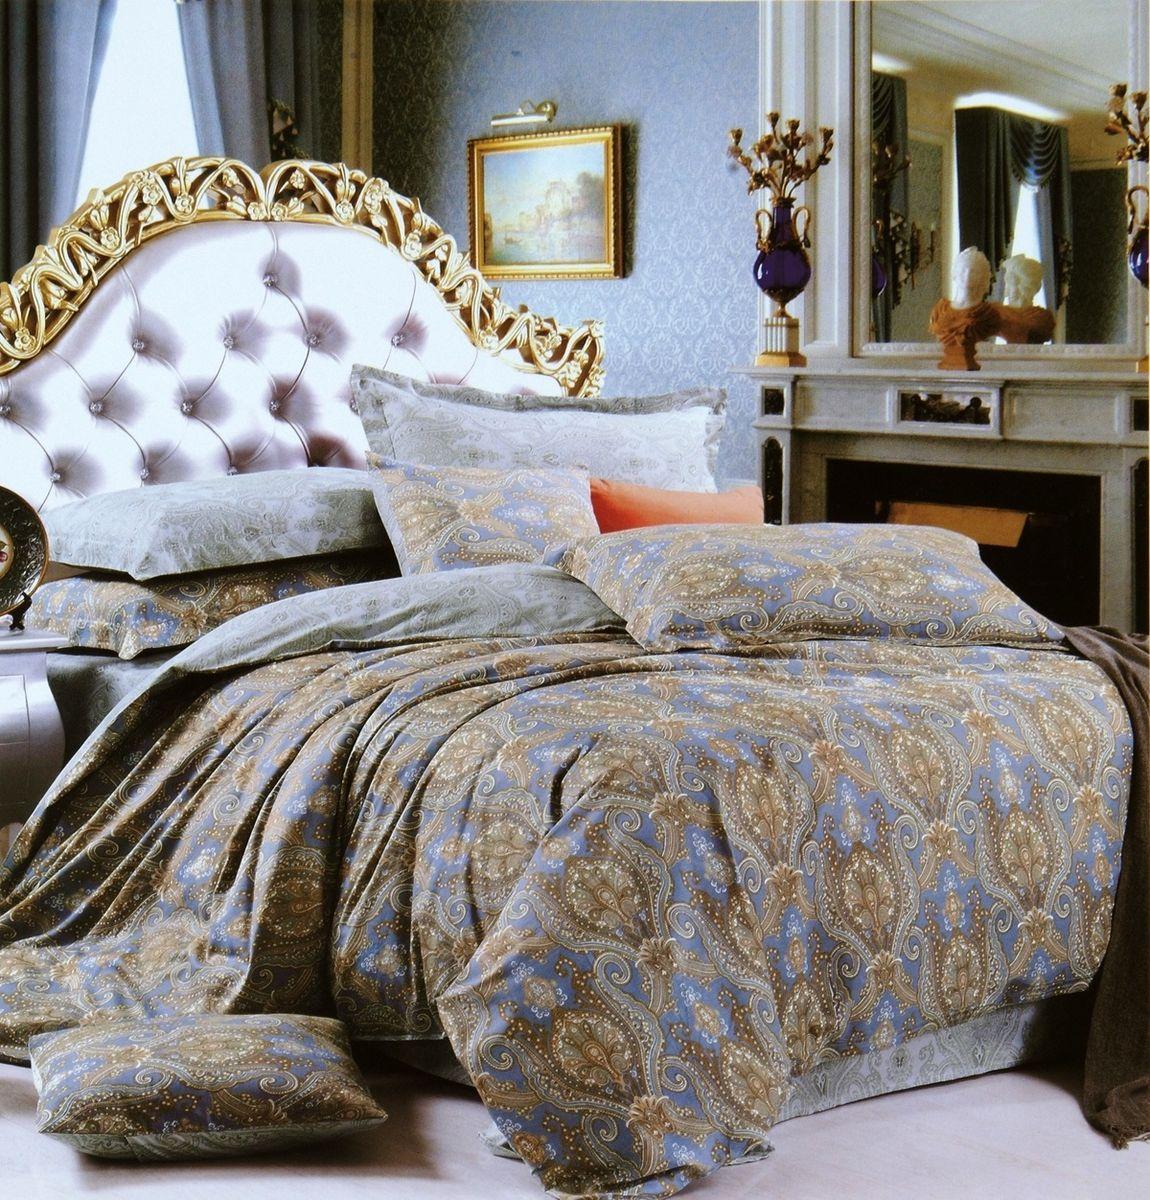 Комплект белья Modalin Eniko, 2-спальный, наволочки 50х70, 70x70461/6Комплект постельного белья Modalin, выполненный из сатина (100% хлопка), создан для комфорта и роскоши. Комплект состоит из пододеяльника, простыни и 4 наволочек. Постельное белье оформлено оригинальным орнаментом. Пододеяльник застегивается на пуговицы, что позволяет одеялу не выпадать из него.Сатин - хлопчатобумажная ткань полотняного переплетения, одна из самых красивых, прочных и приятных телу тканей, изготовленных из натурального волокна. Благодаря своей шелковистости и блеску сатин называют хлопковым шелком.